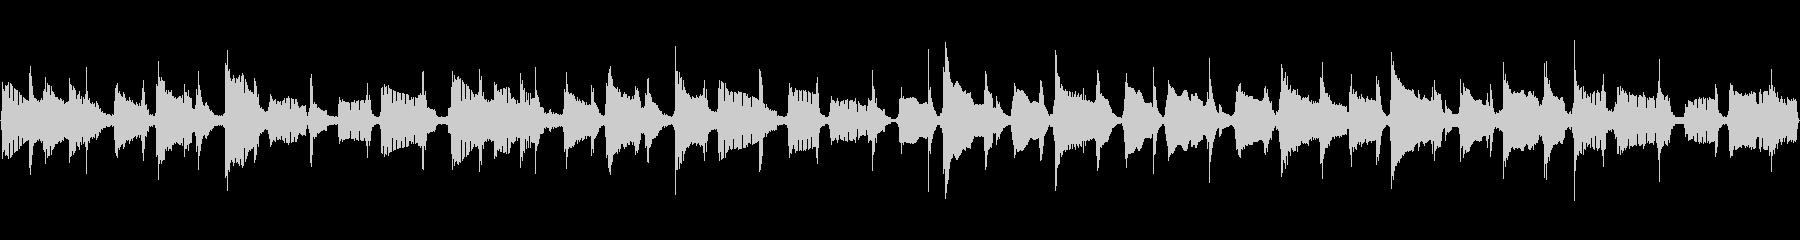 【32秒】シンプルなウクレレバンド曲の未再生の波形